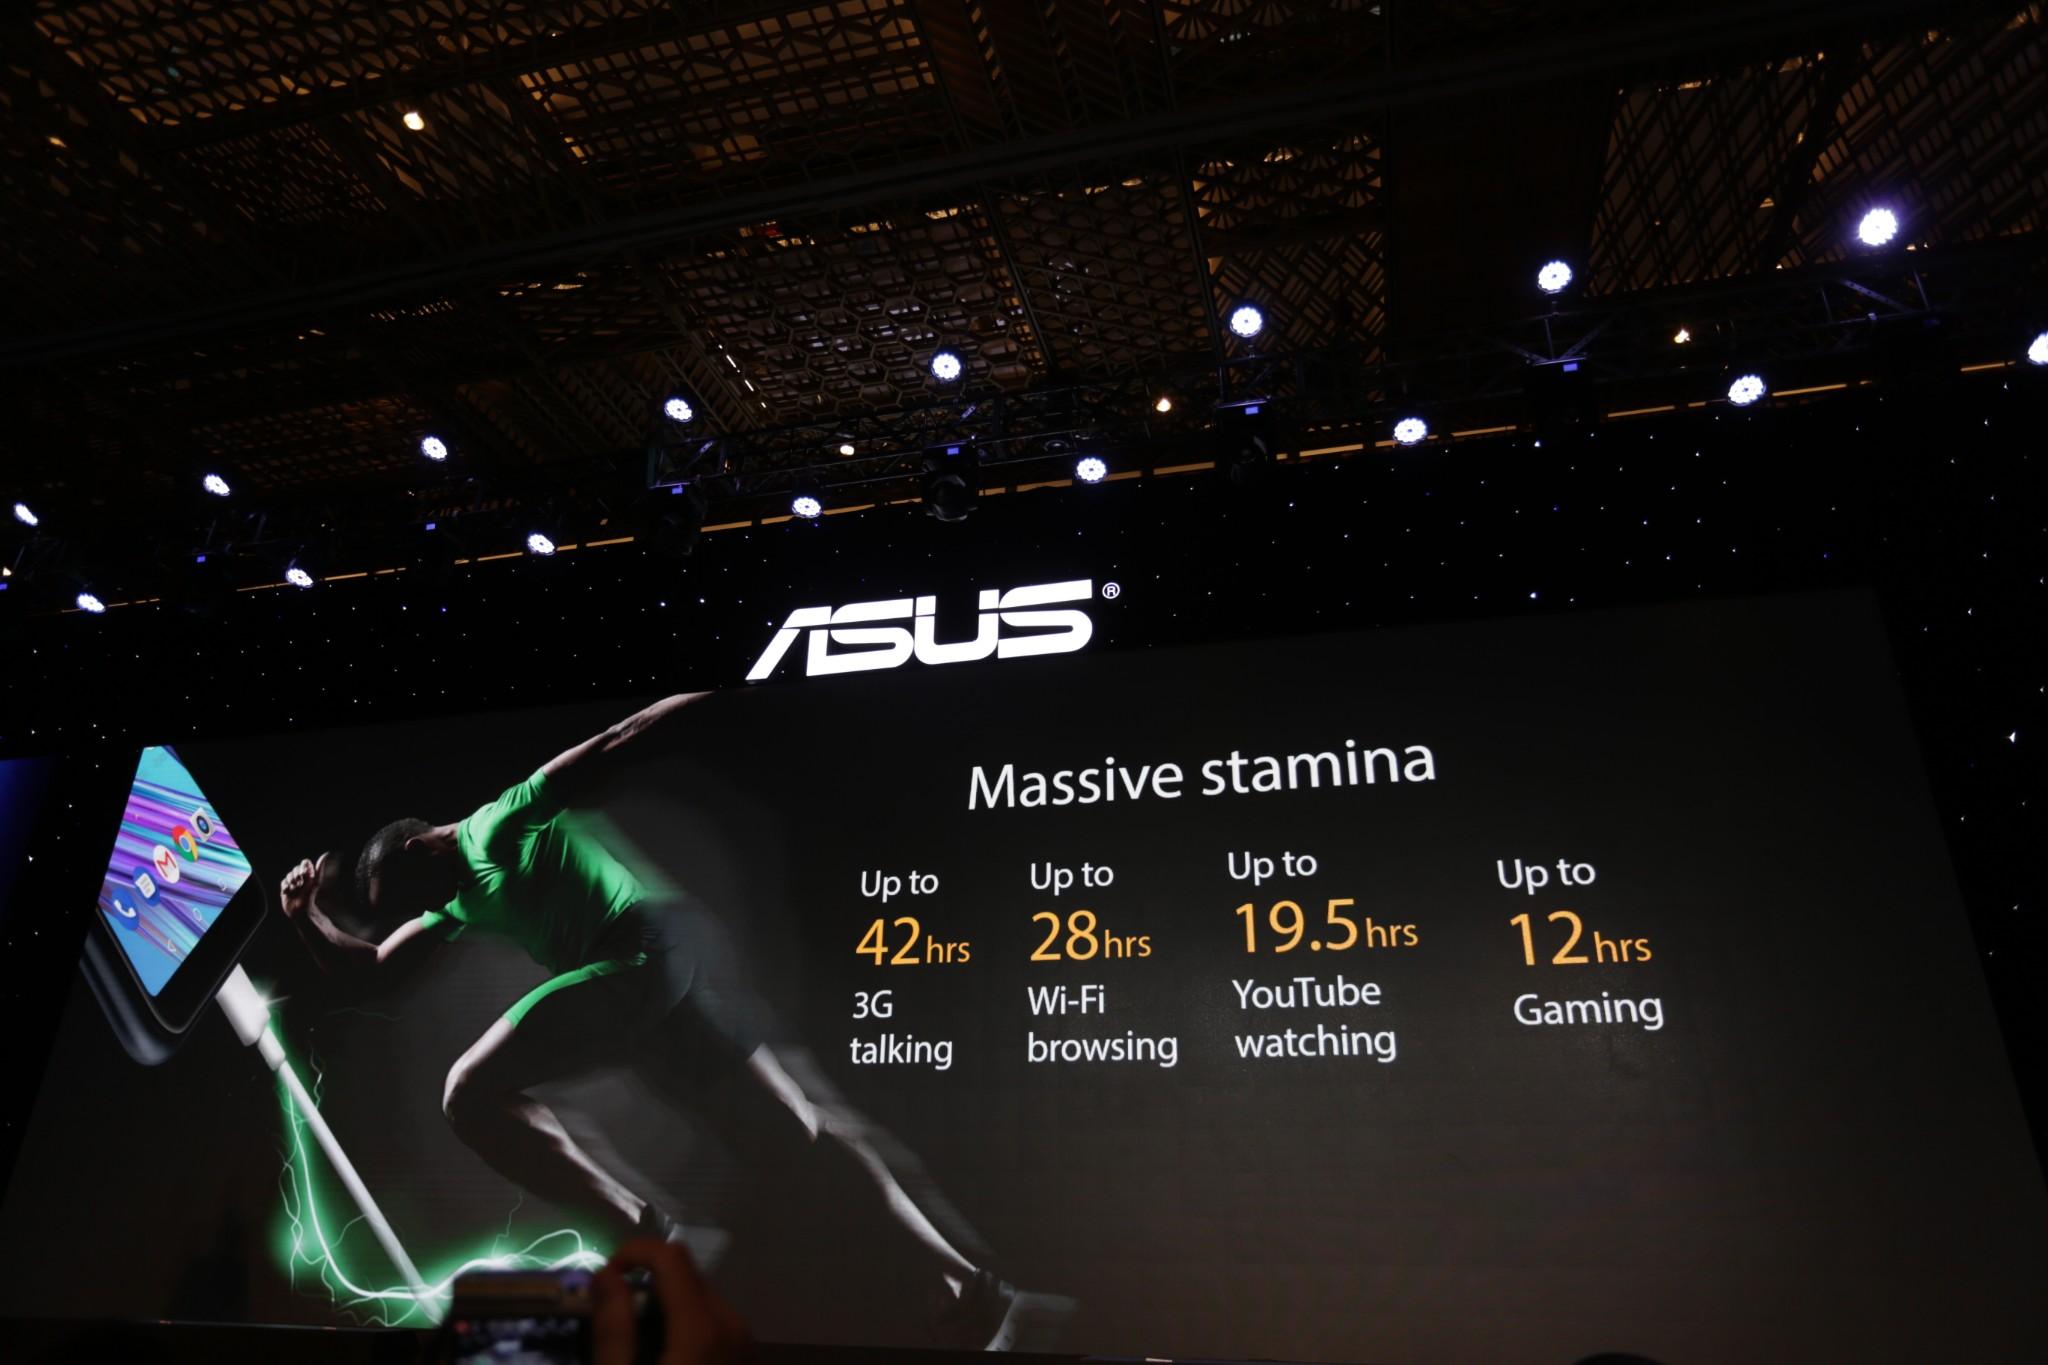 Asus ra mắt Zenfone 5Z và Zenfone Max Pro M1 tại Việt Nam hình 10